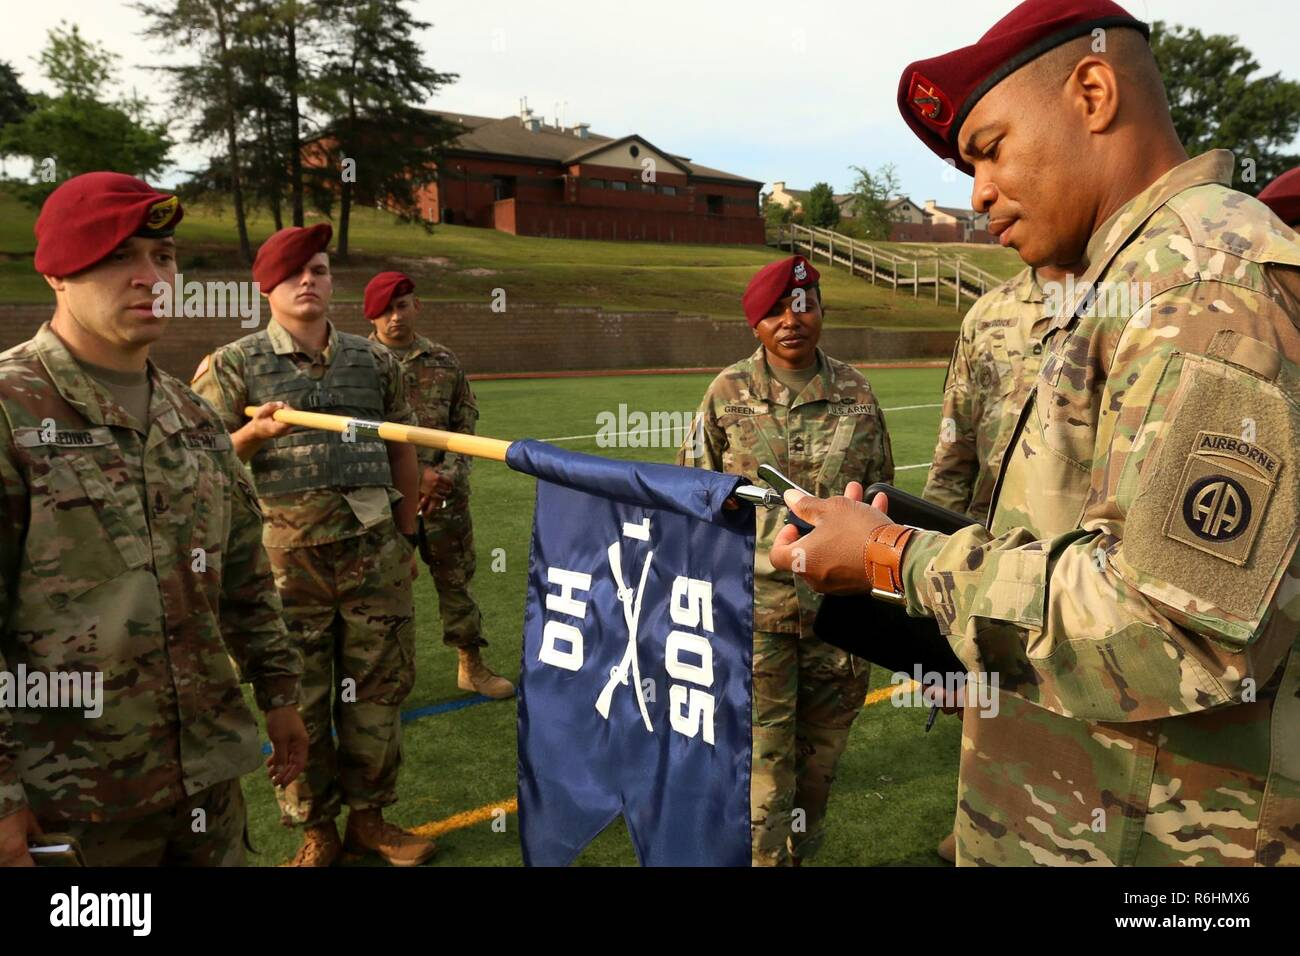 505 Parachute Infantry Regiment Stock Photos & 505 Parachute